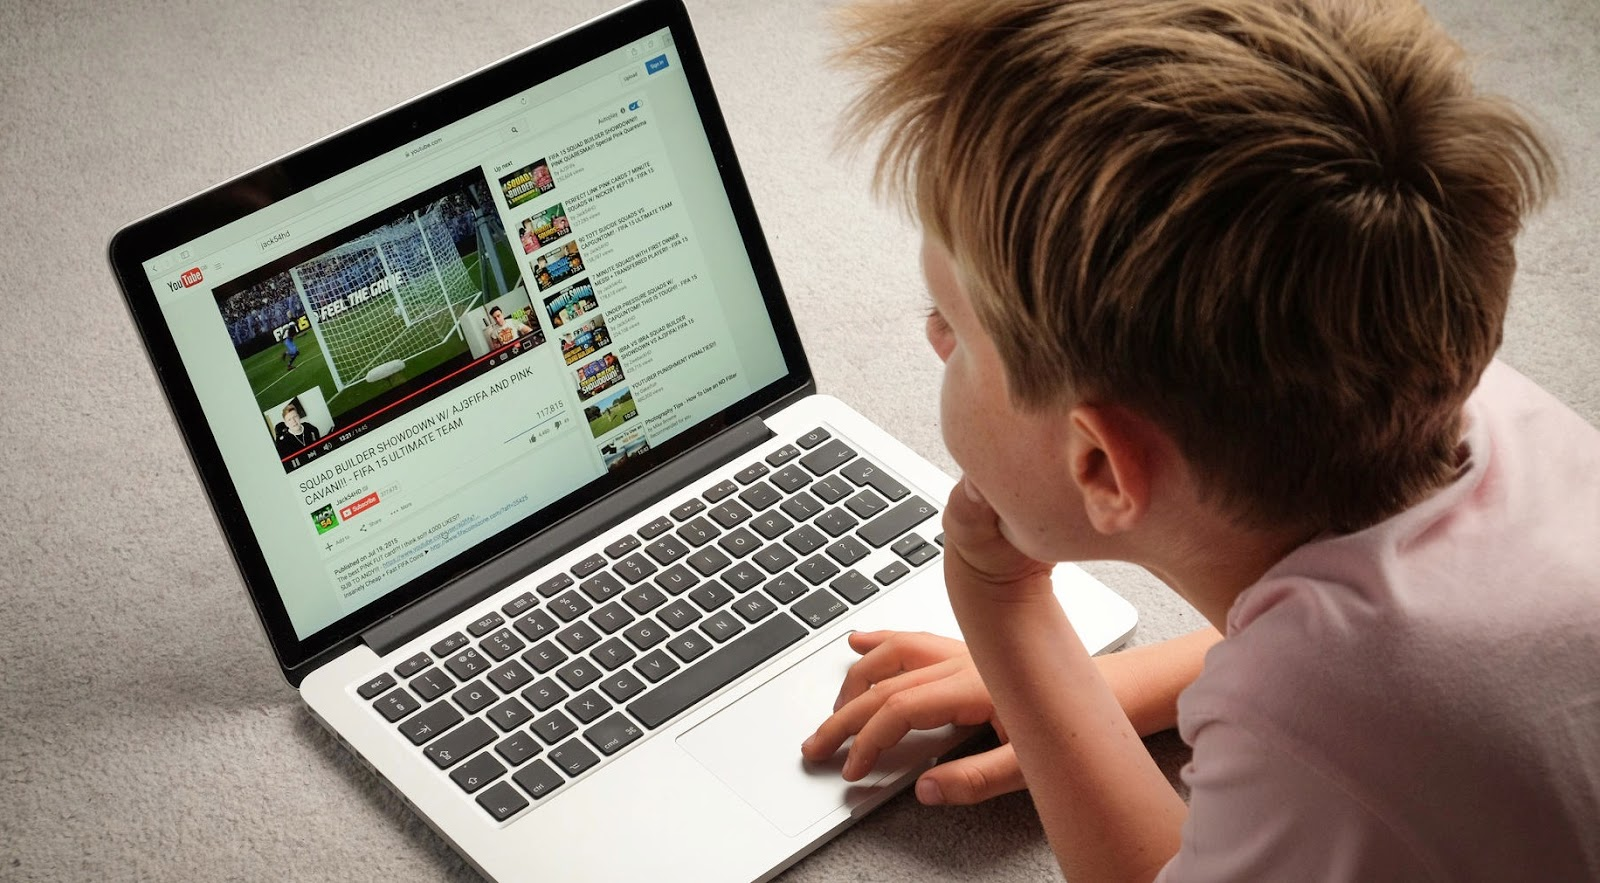 تغريم « جوجل » 170 مليون دولار بسبب جمع بيانات خاصة بالاطفال